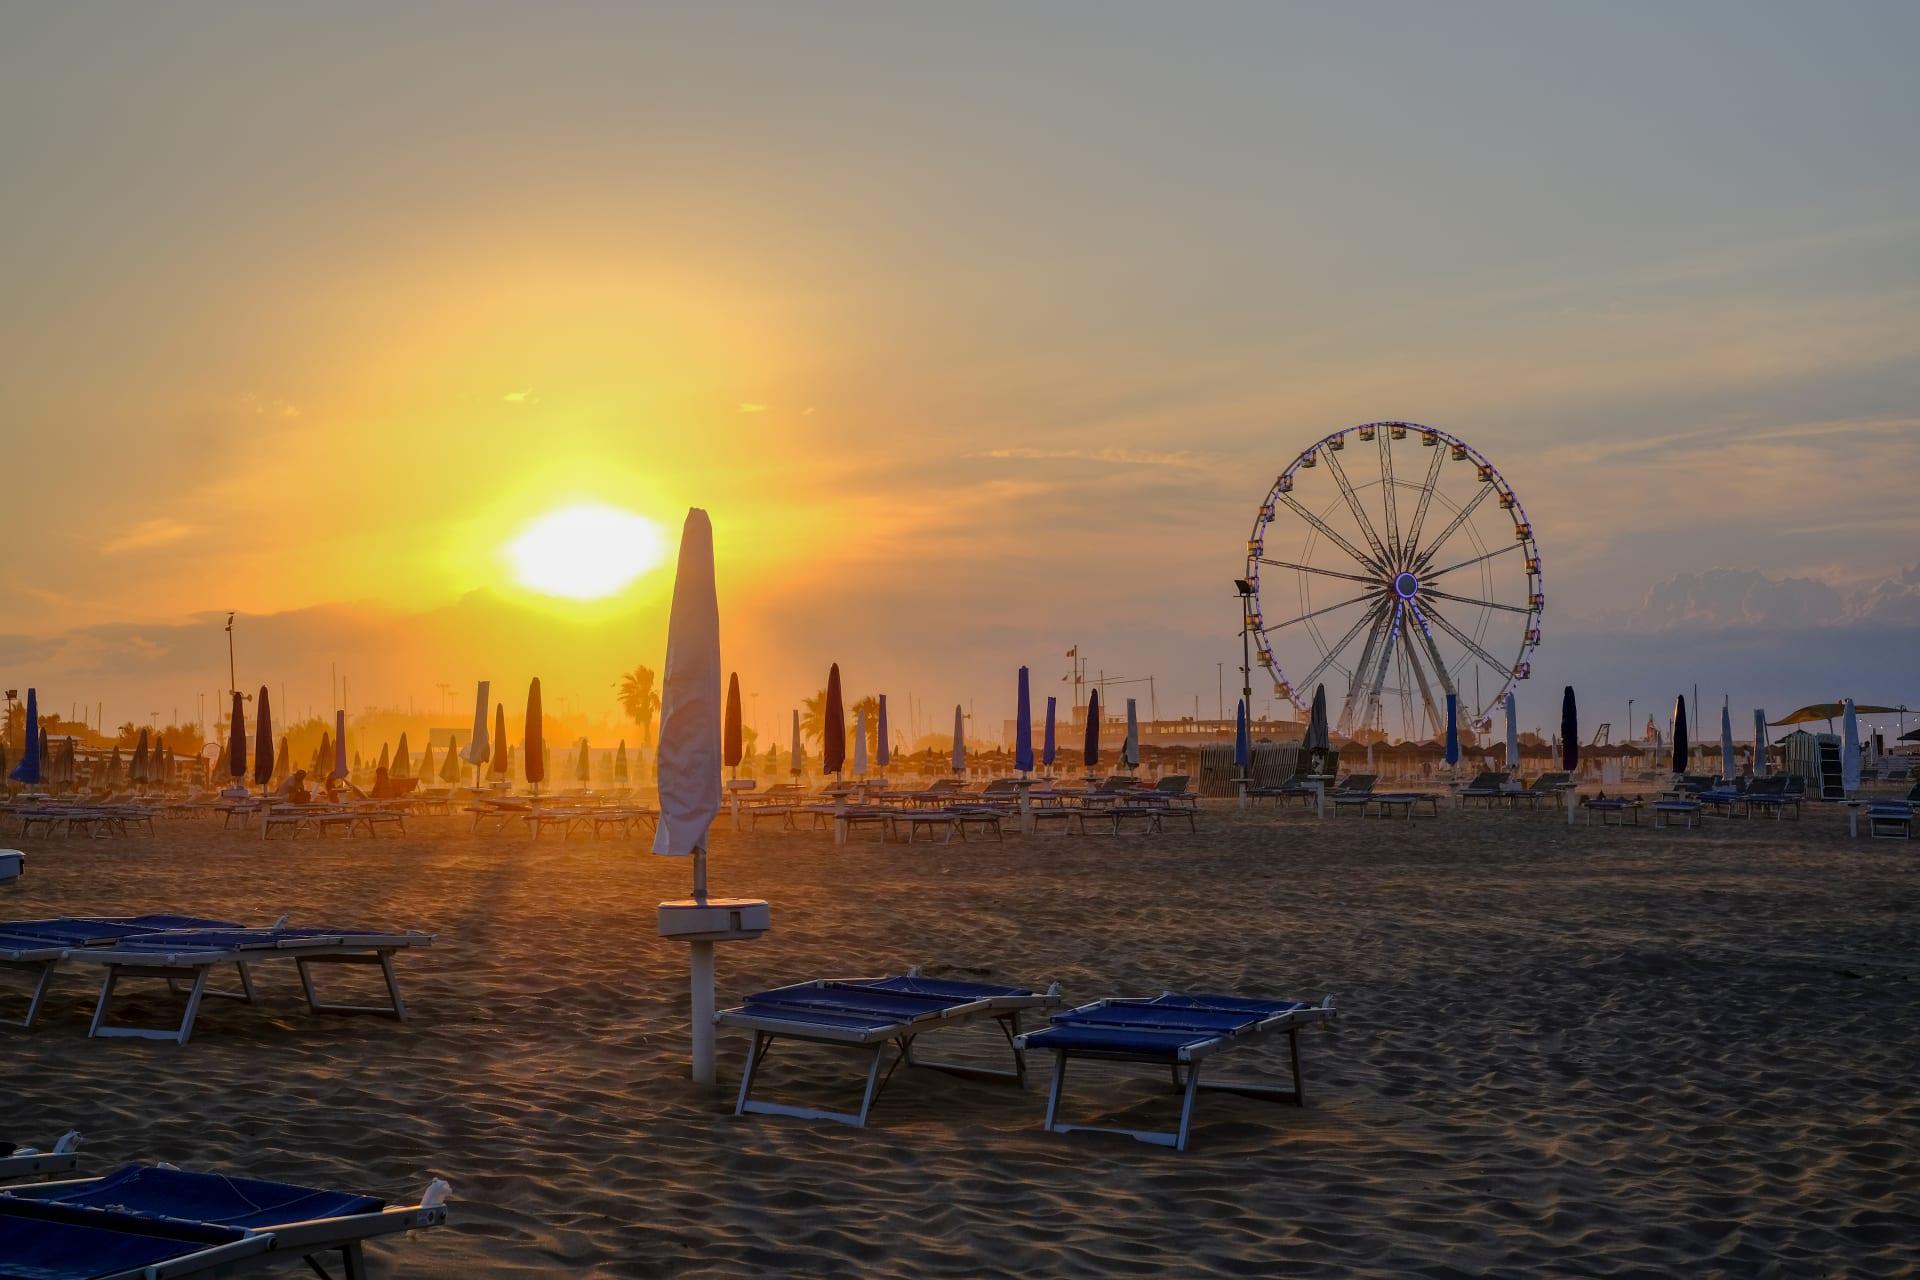 Emilia Romagna - Walk with Me on a Rimini Beach at Sunset